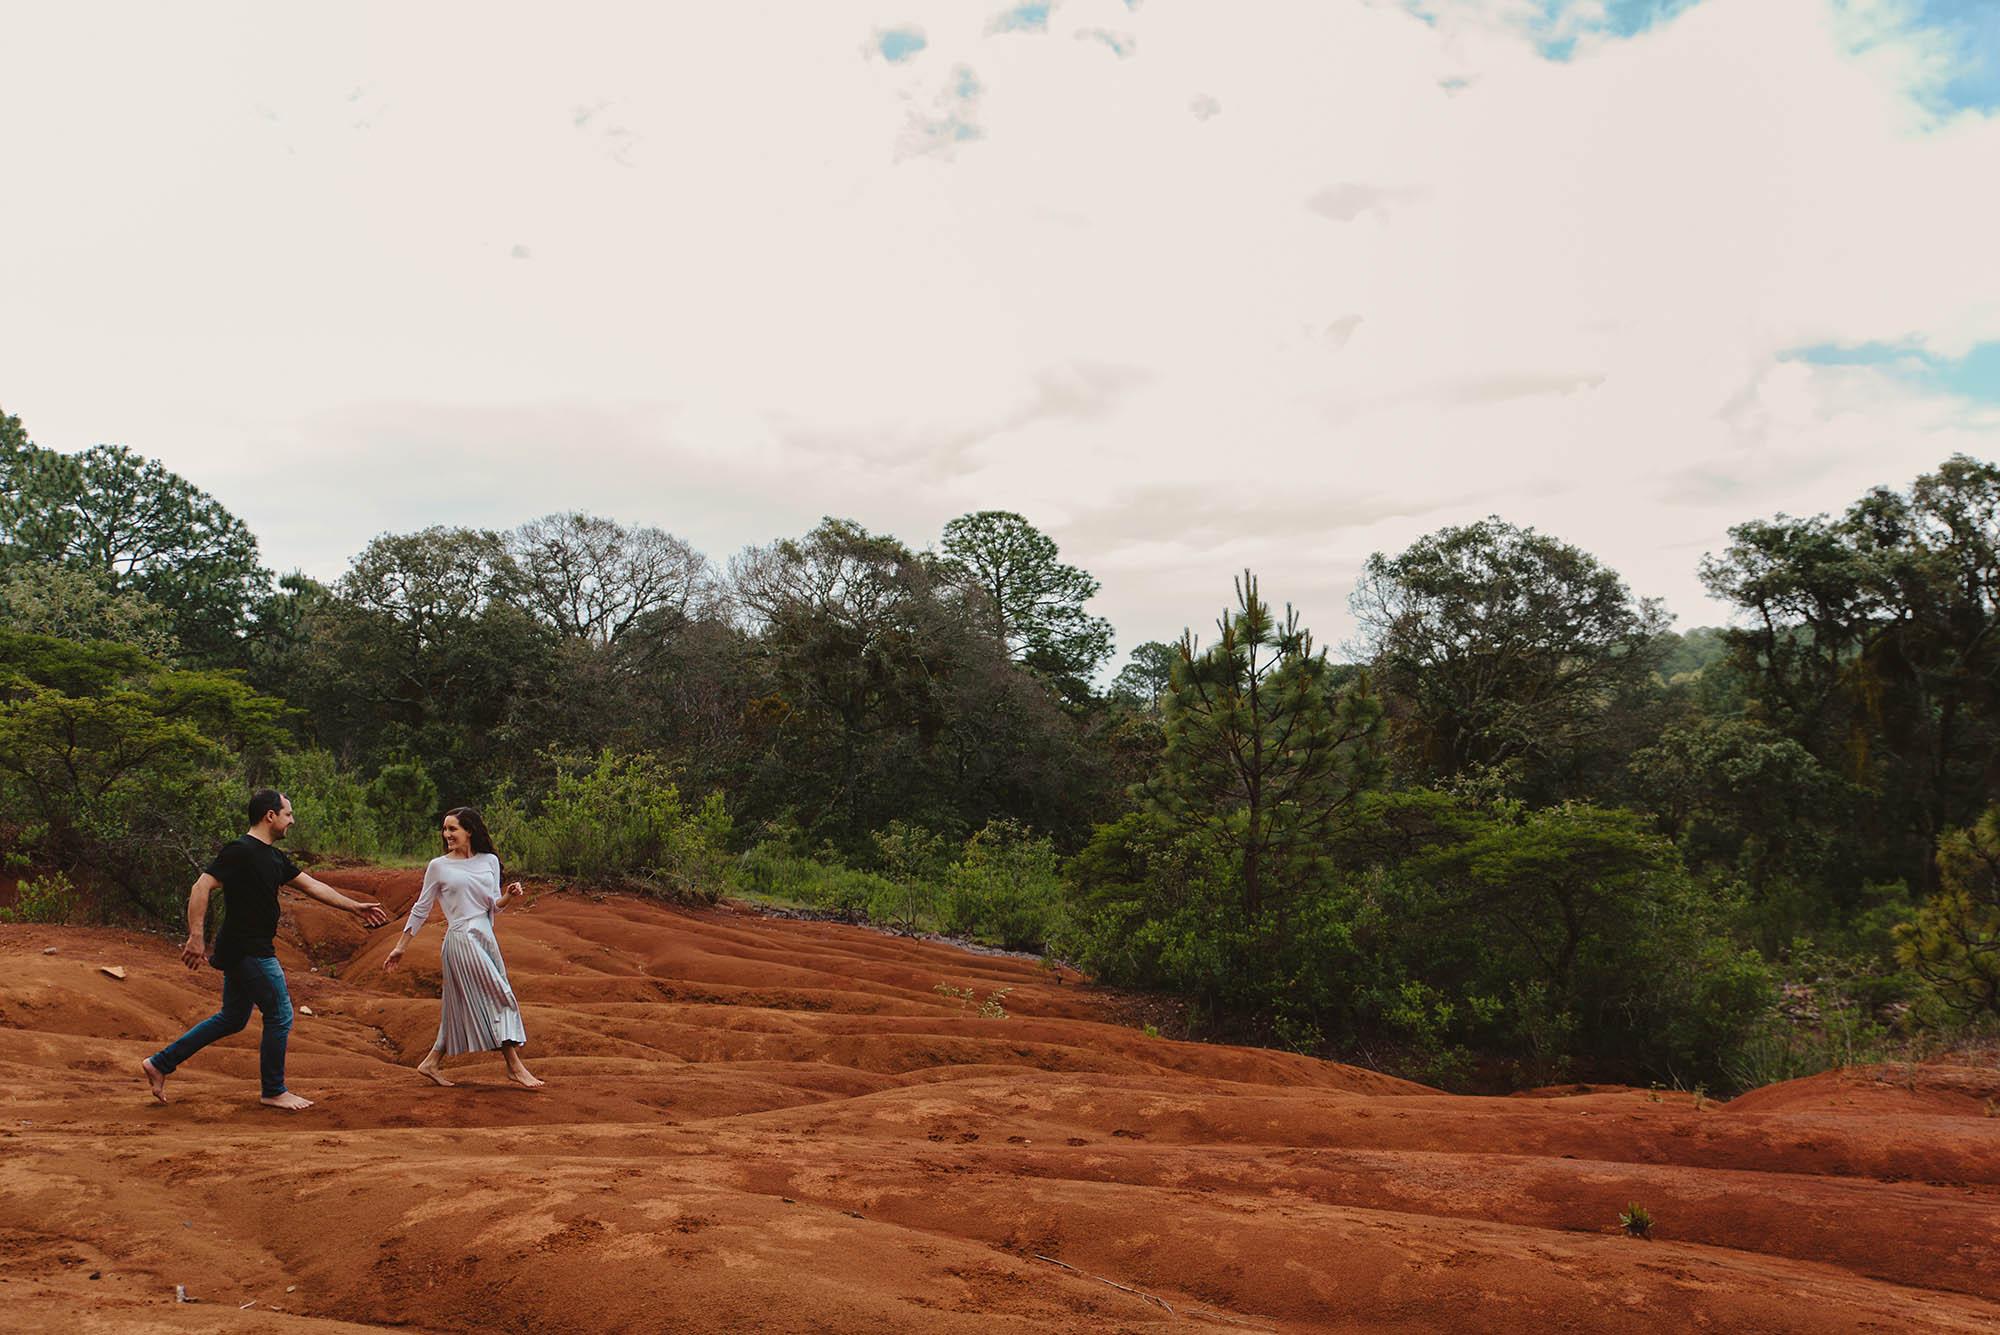 magali espinosa bosque tapalpa wedding destination photographer 50-WEB.jpg